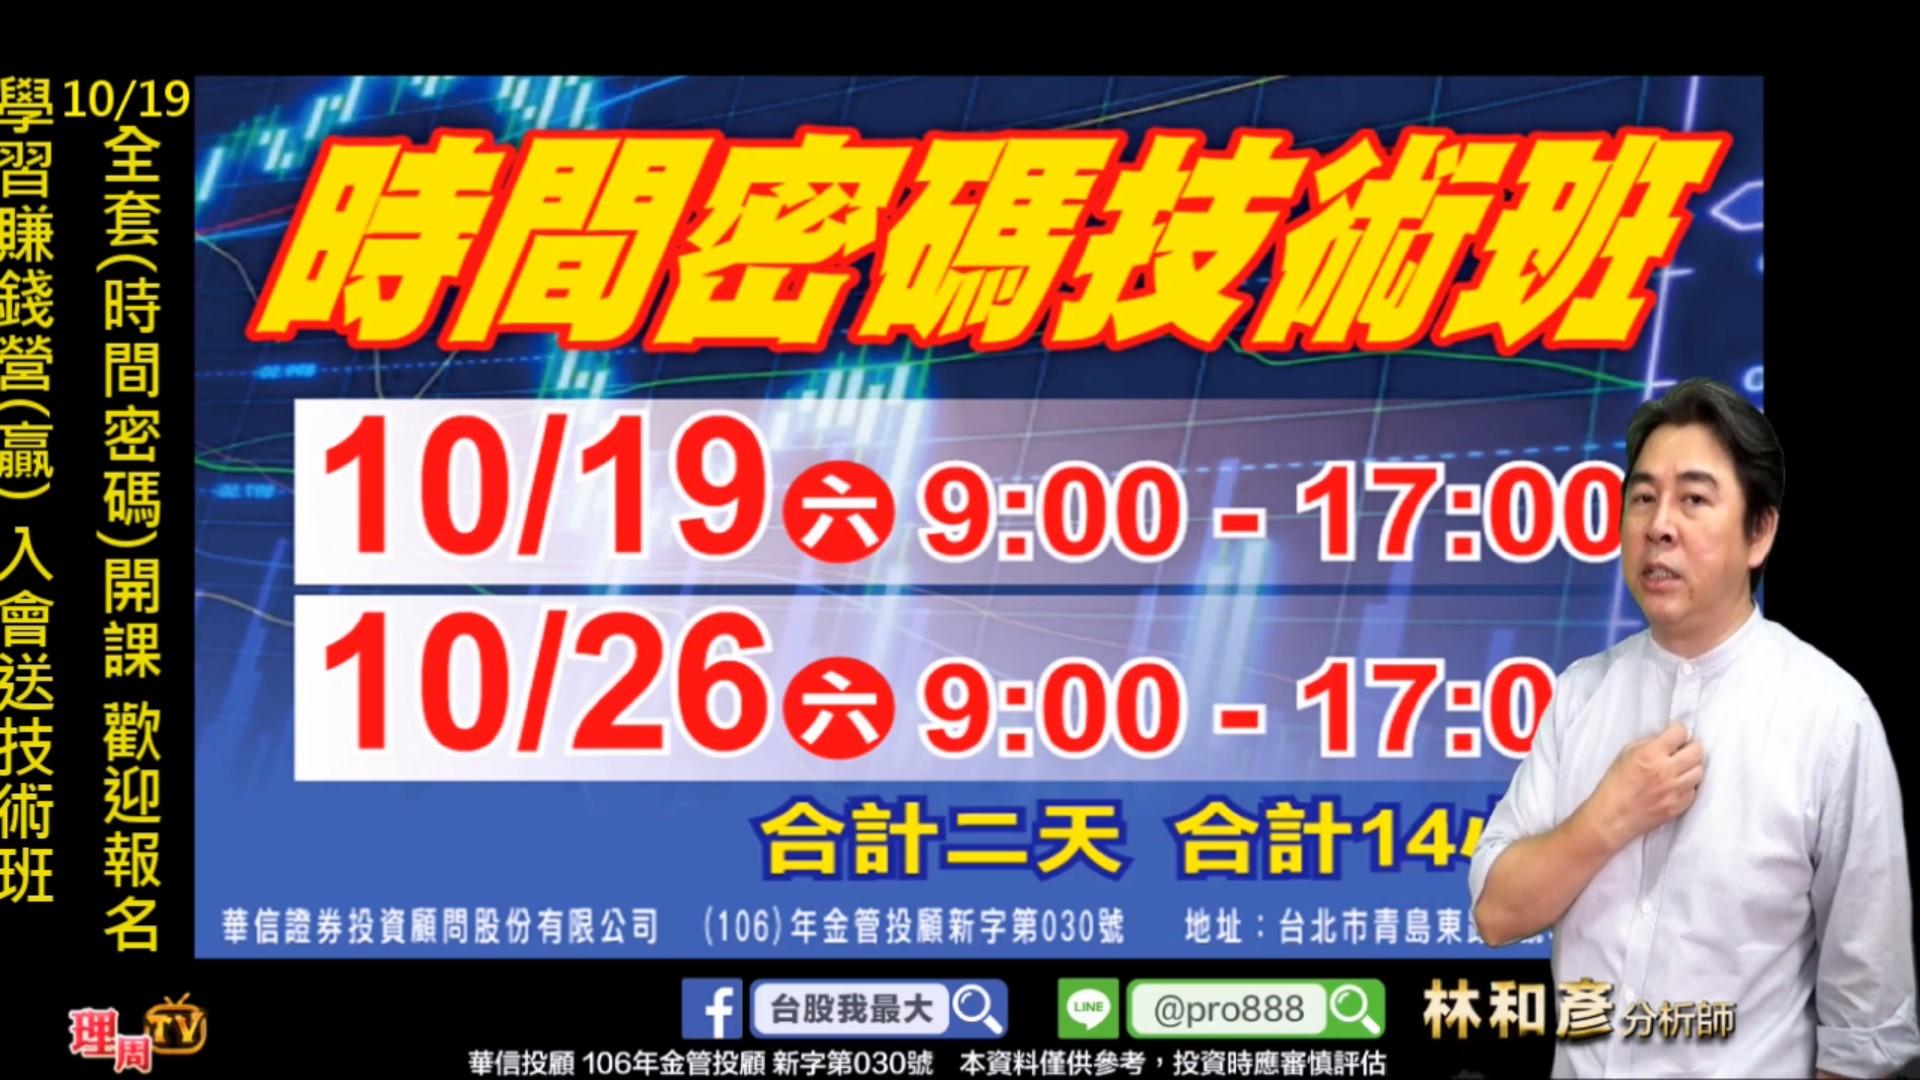 0912盤中_新iPhone造勢 美律 九月起漲股 環球晶 潤泰全 頎邦 杰力 新光金